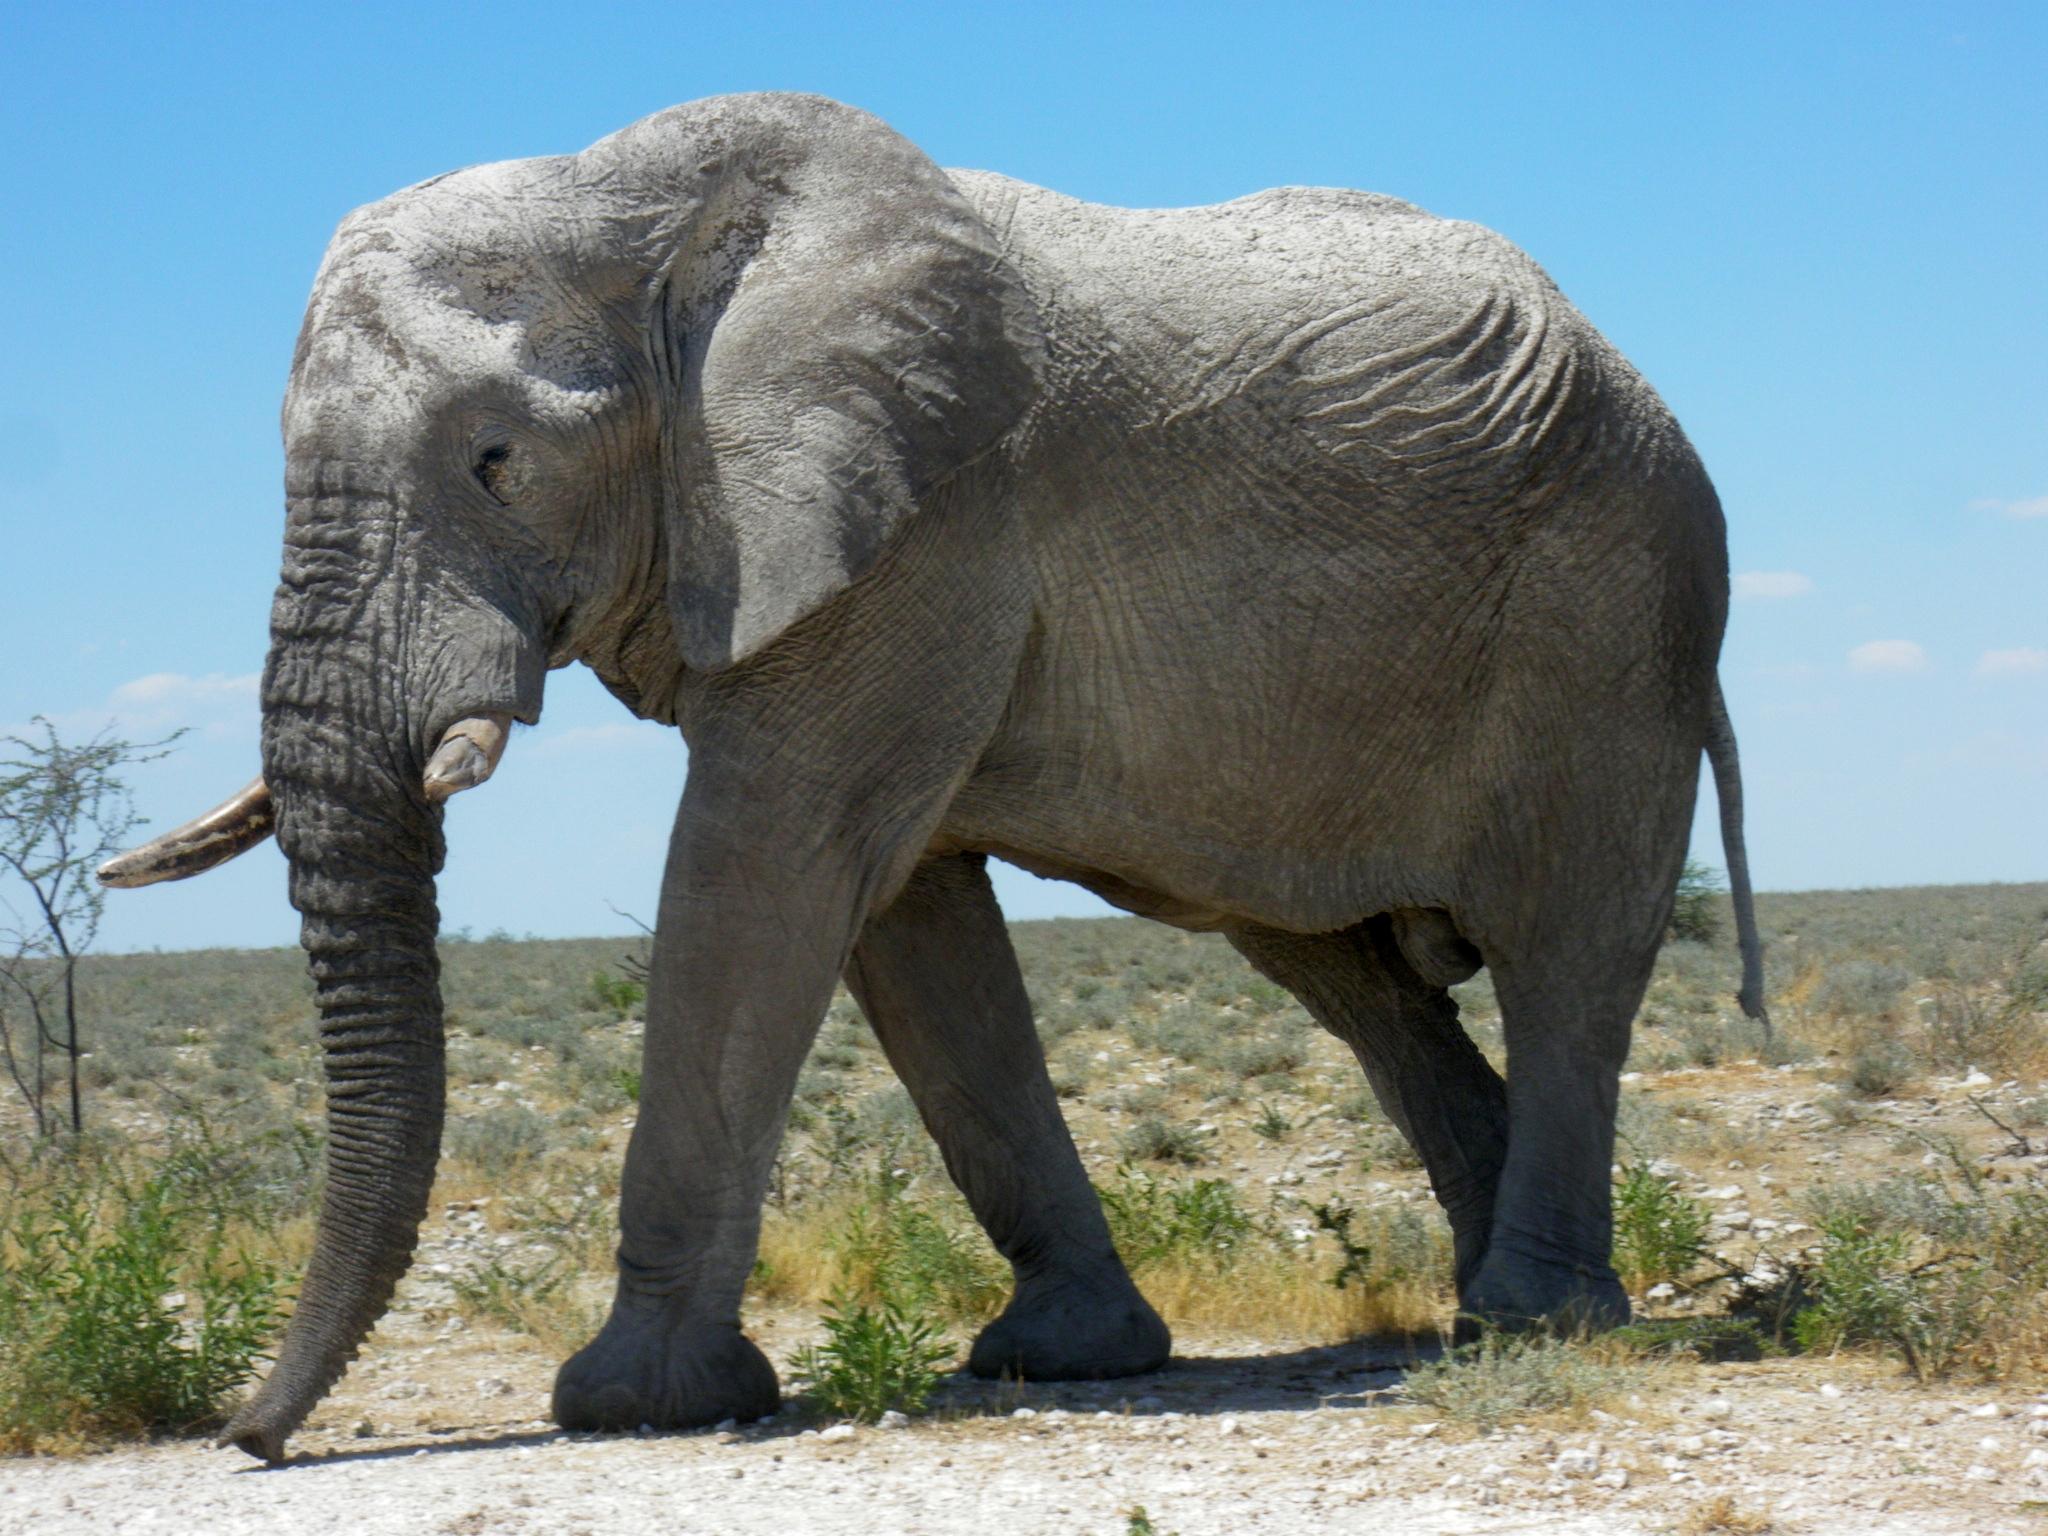 Google Image Elephants_at_Etosha_National_Park03